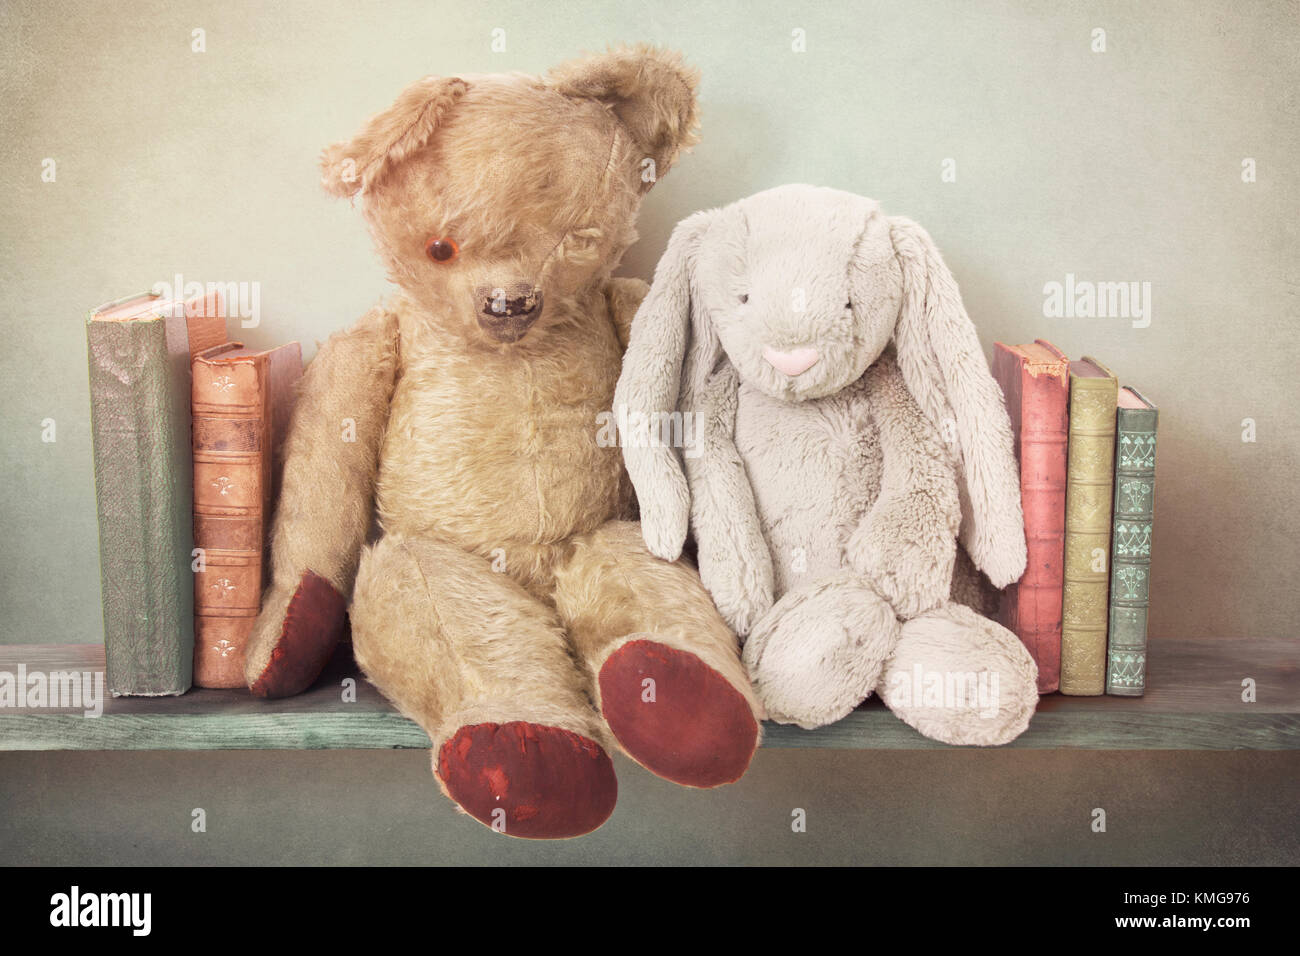 nostalgic toys on a bookshelf - Stock Image